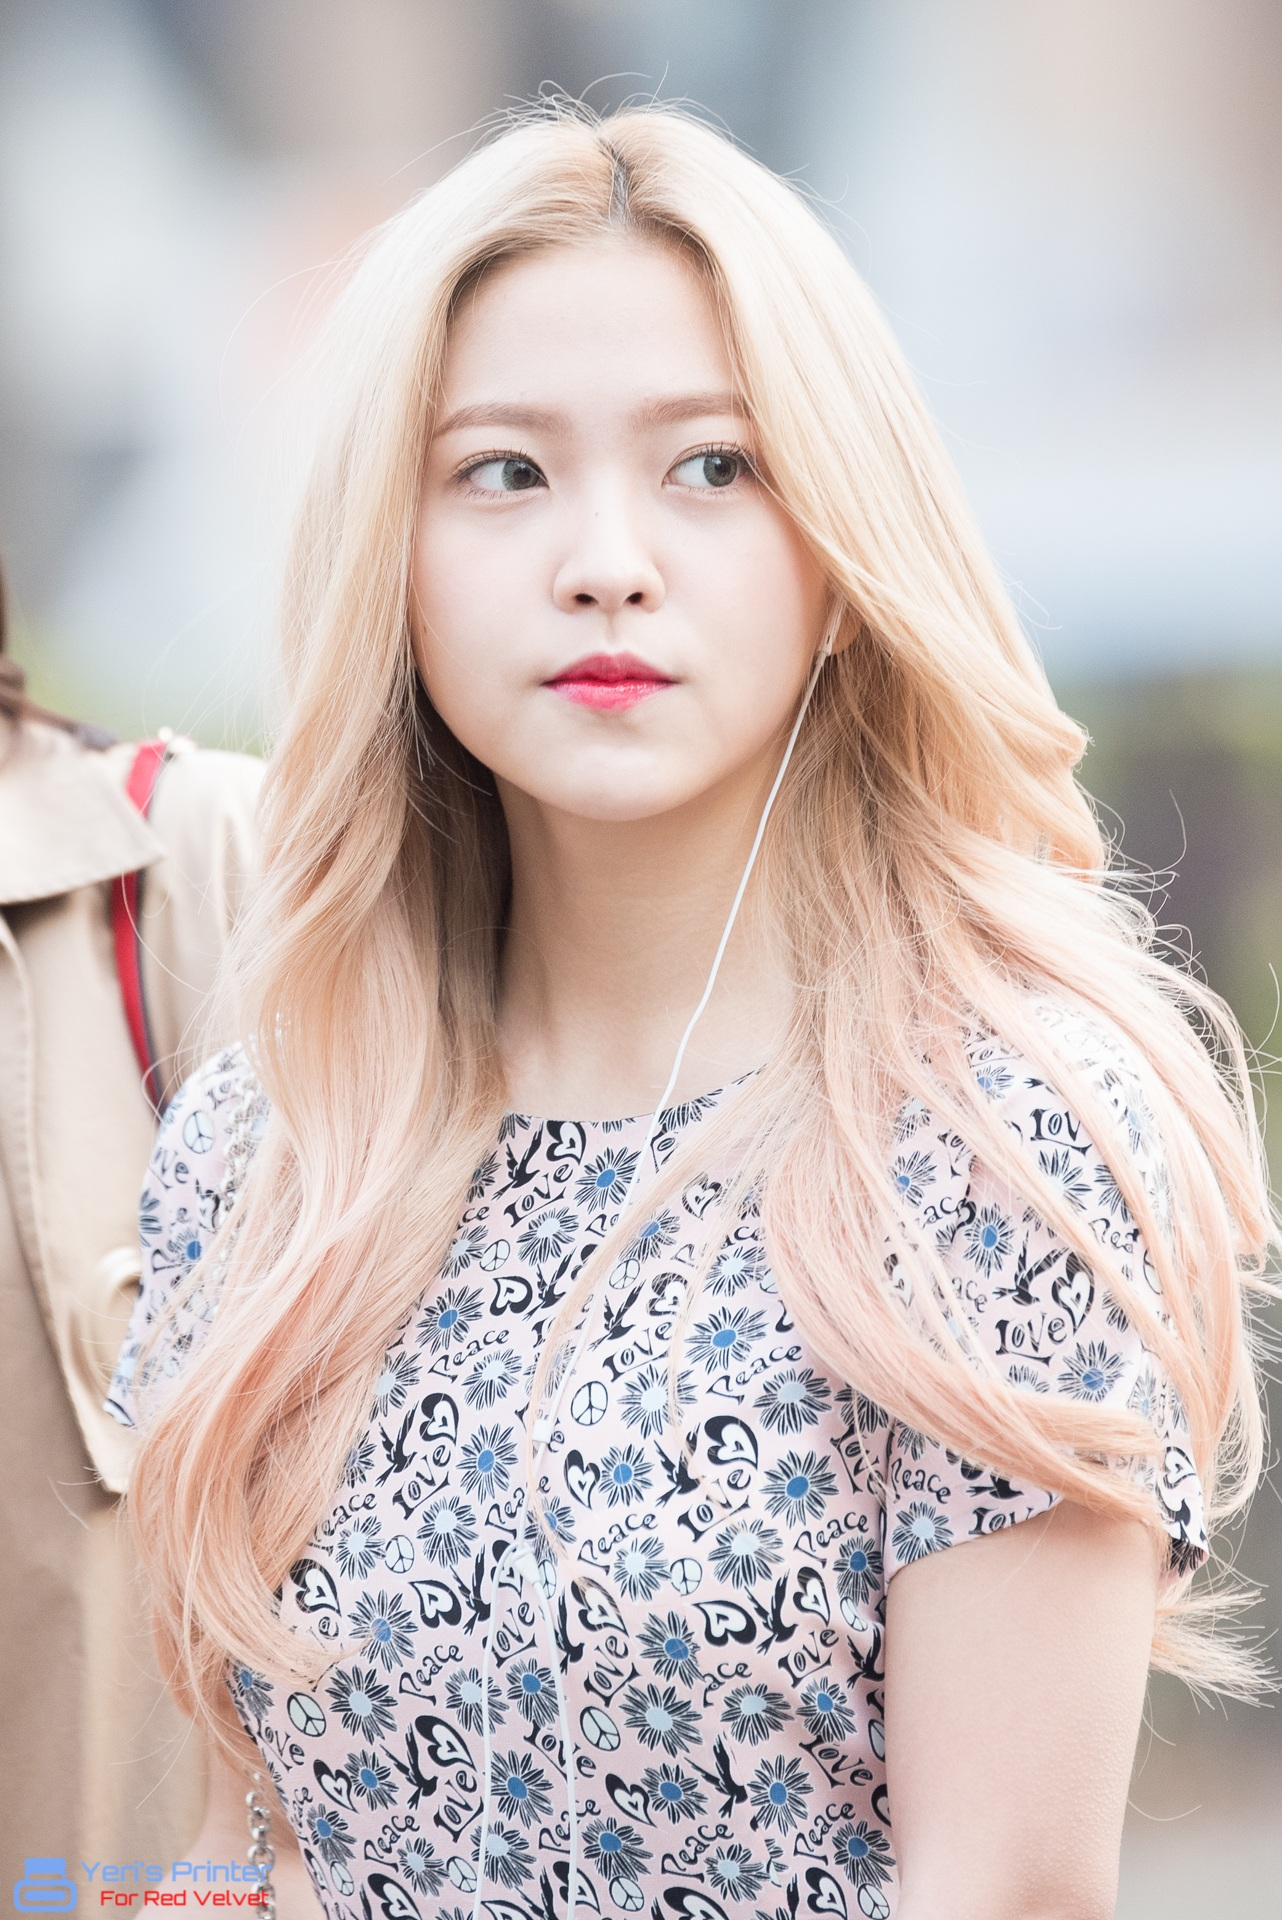 Red Velvet Yeri